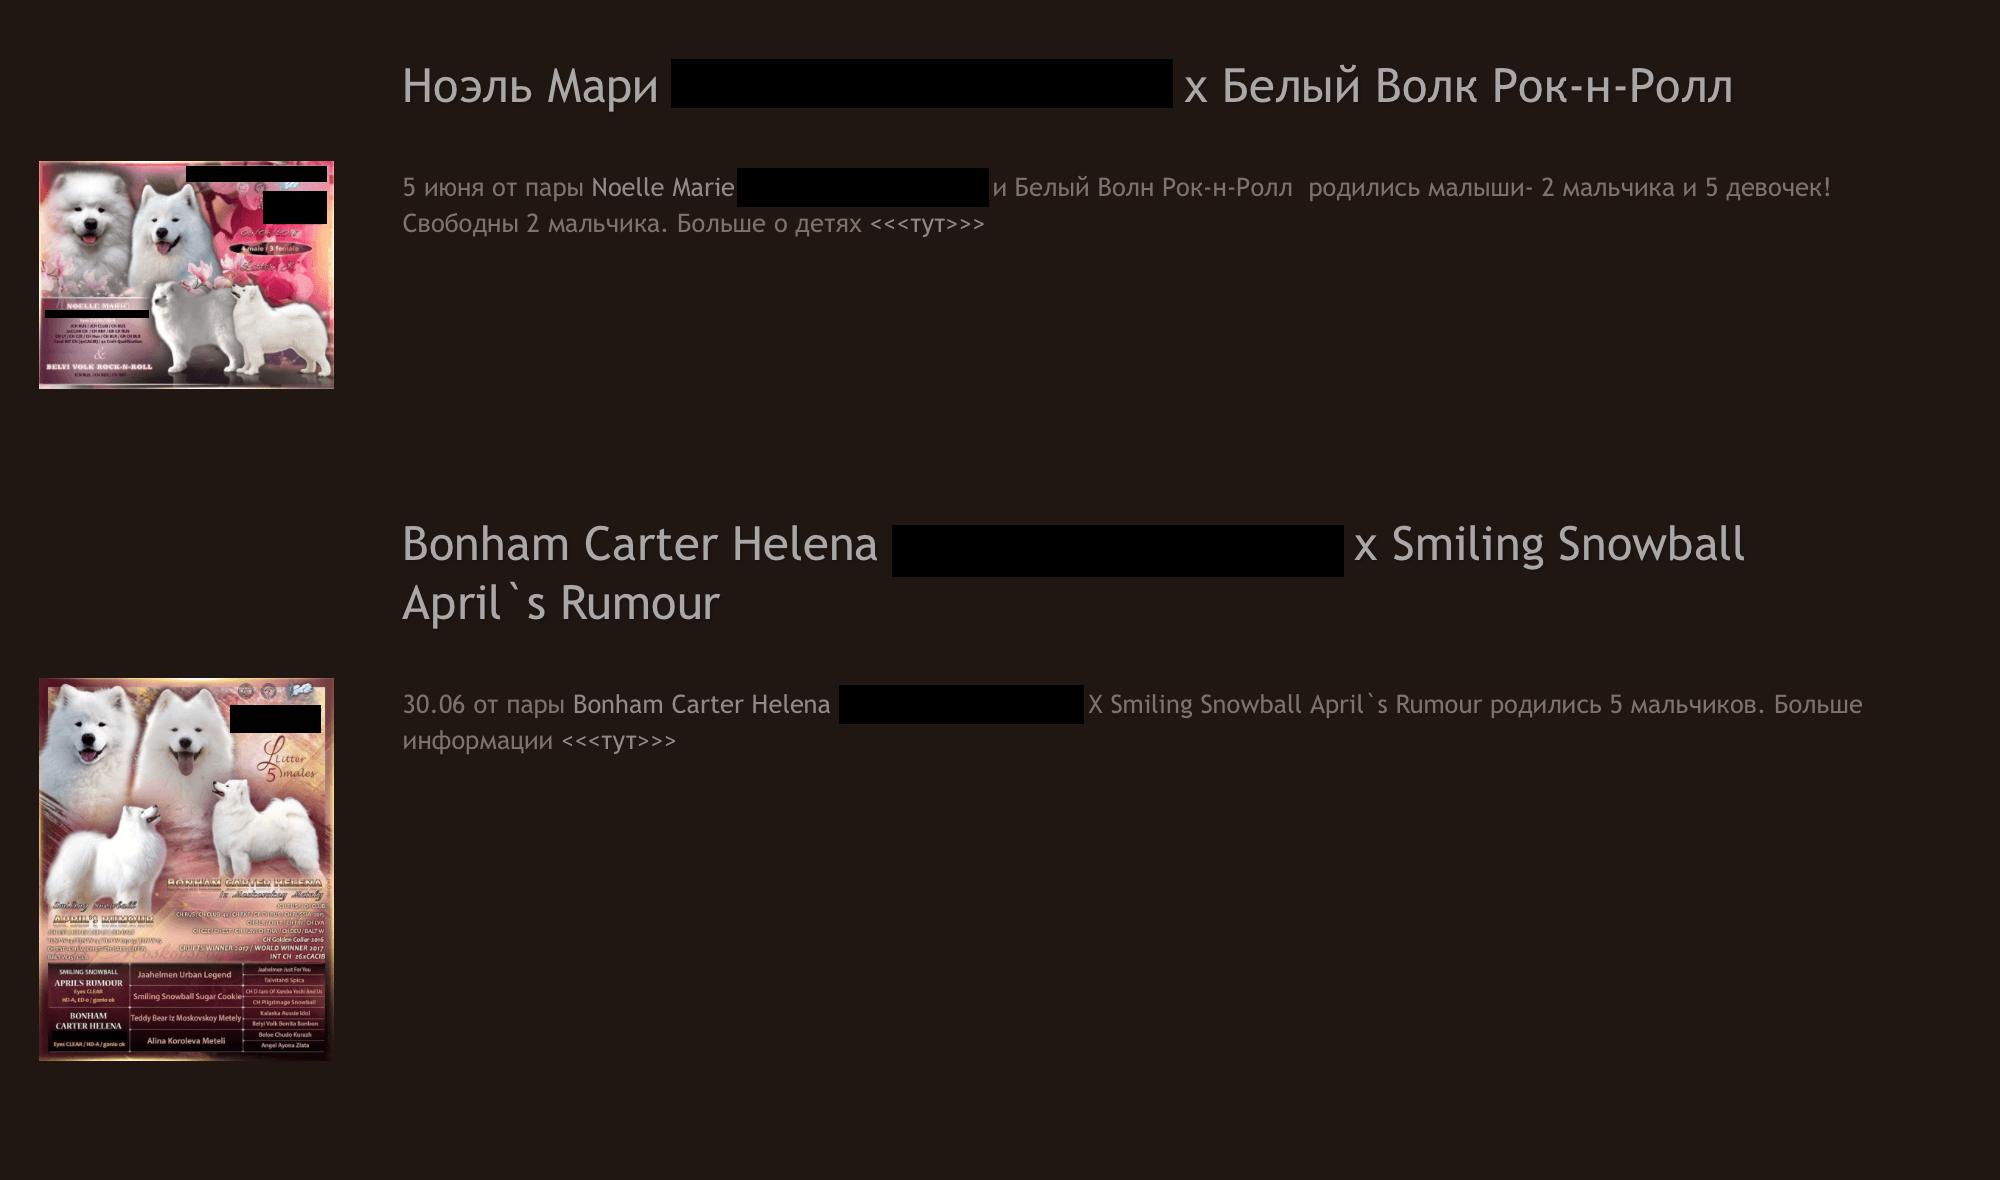 Объявления о щенках на сайте питомника. Все шесть покупателей нашли нас через него